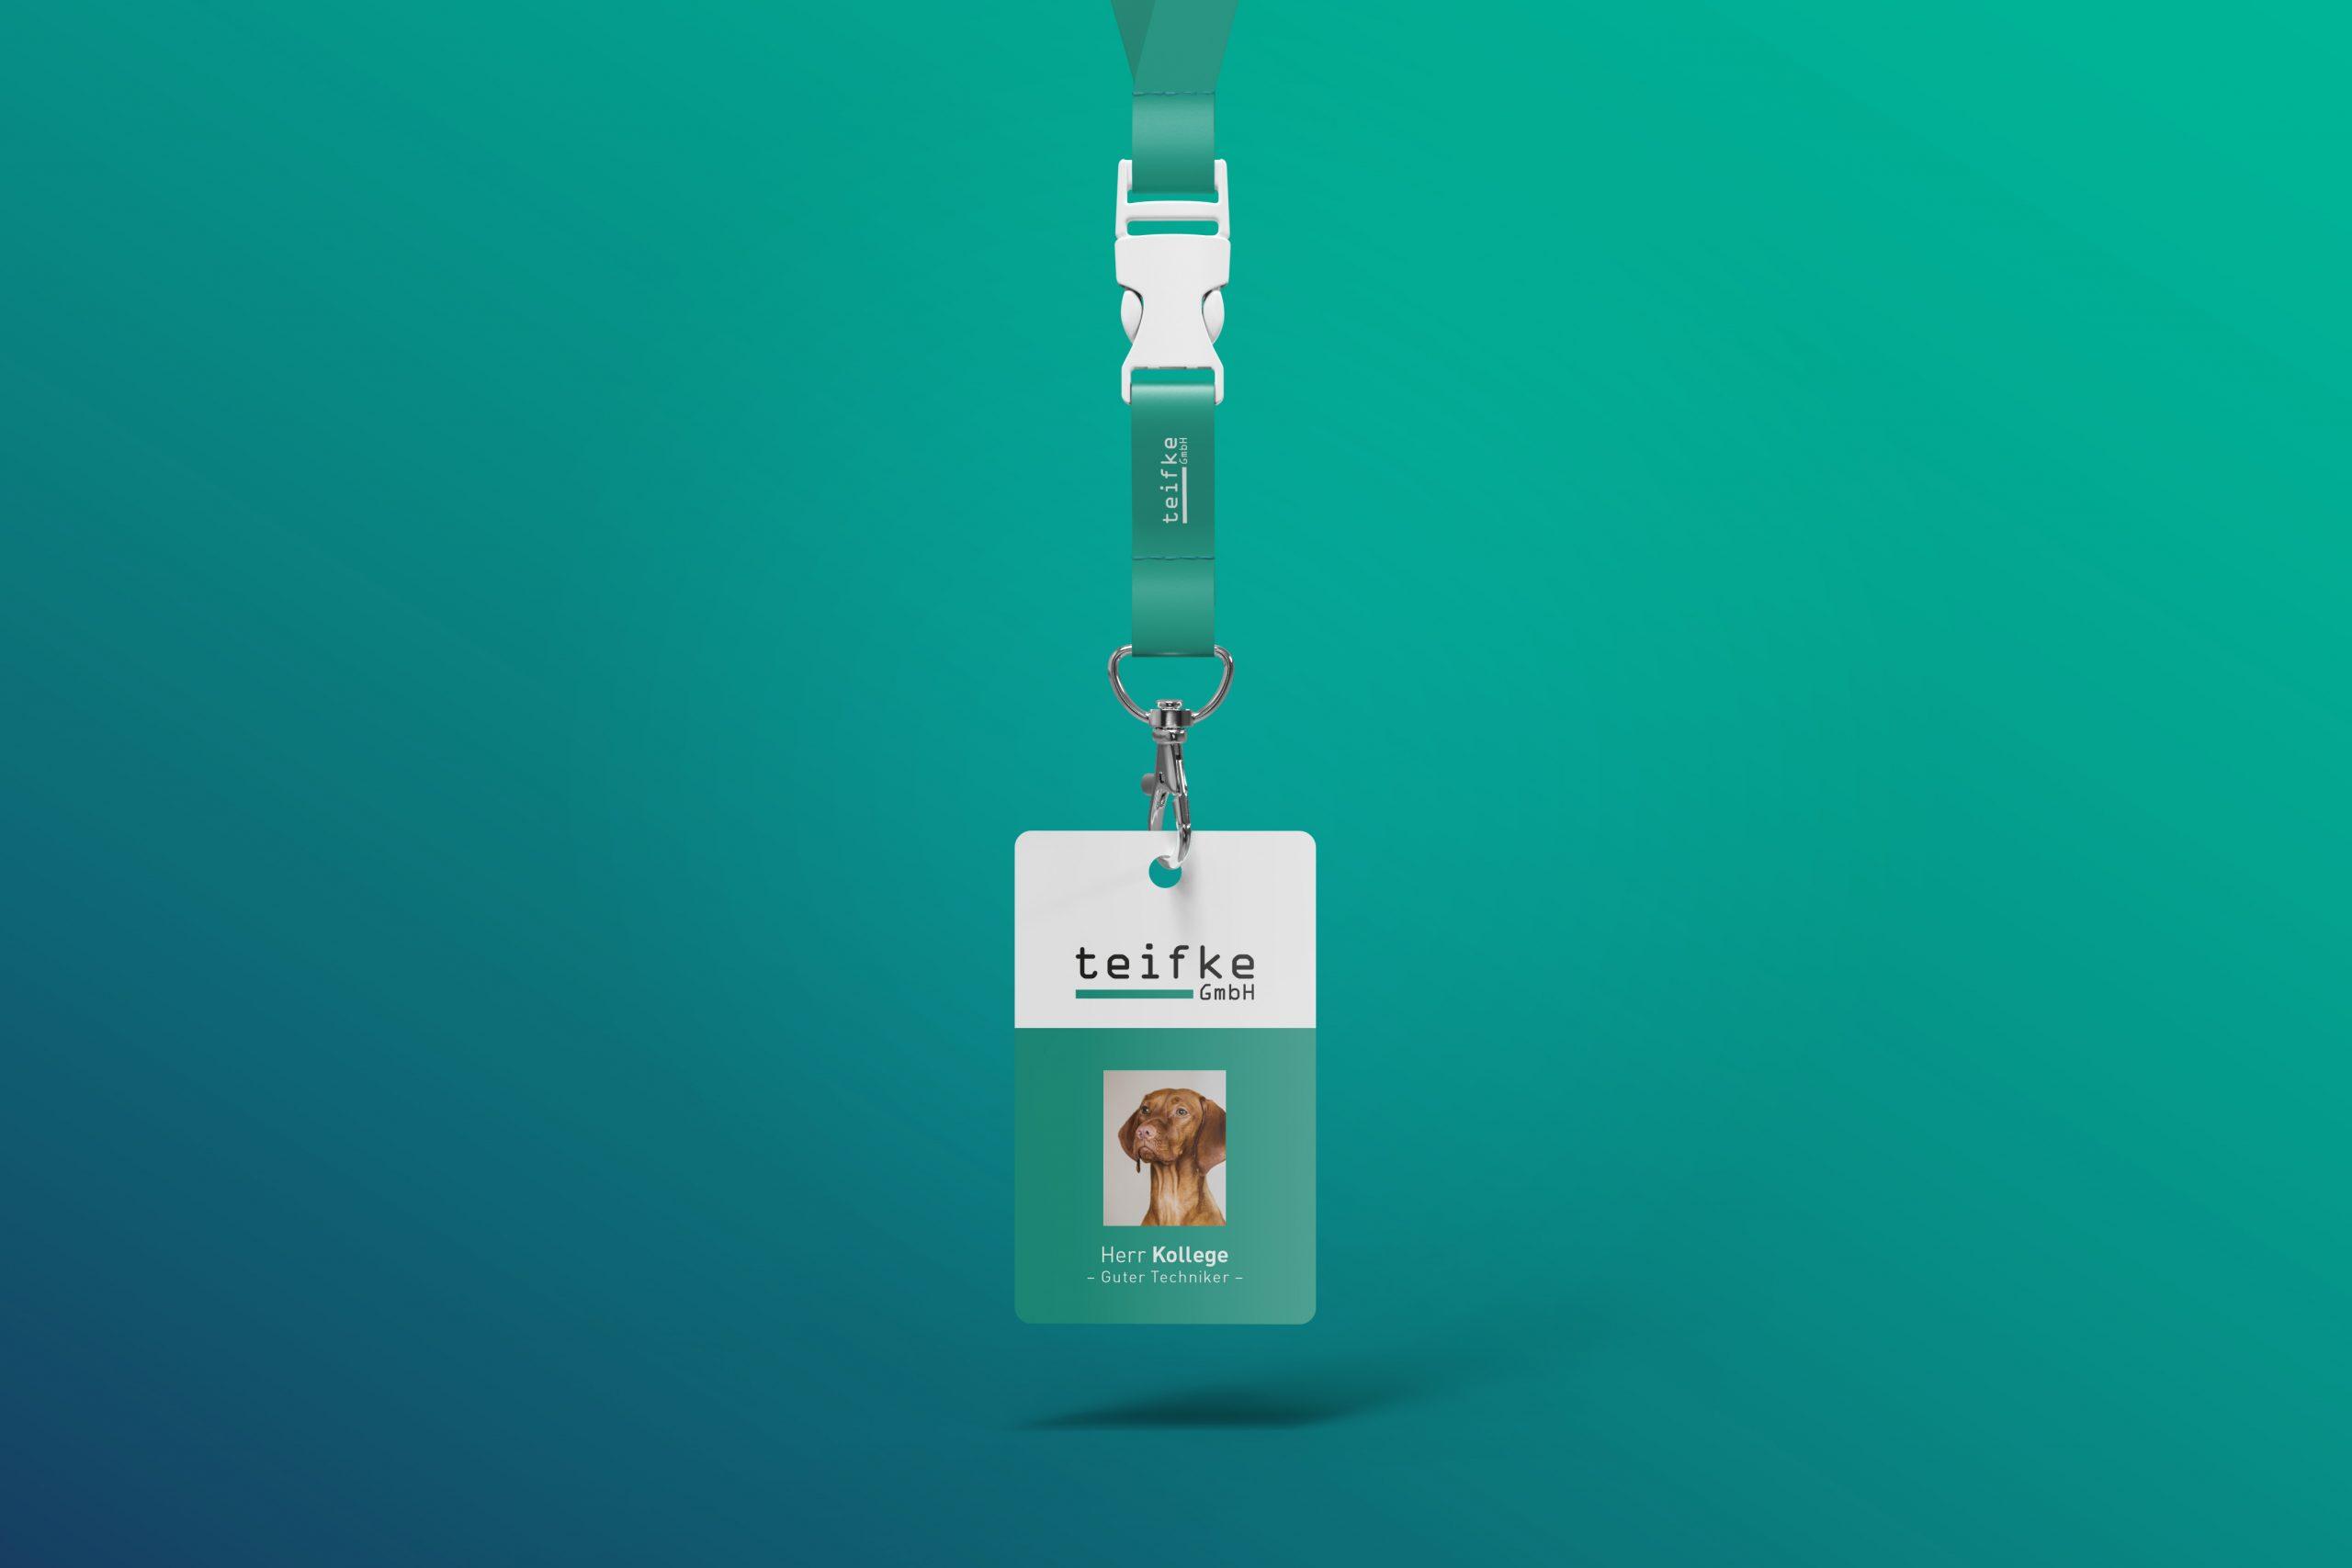 teifke GmbH - Mitarbeiterausweis